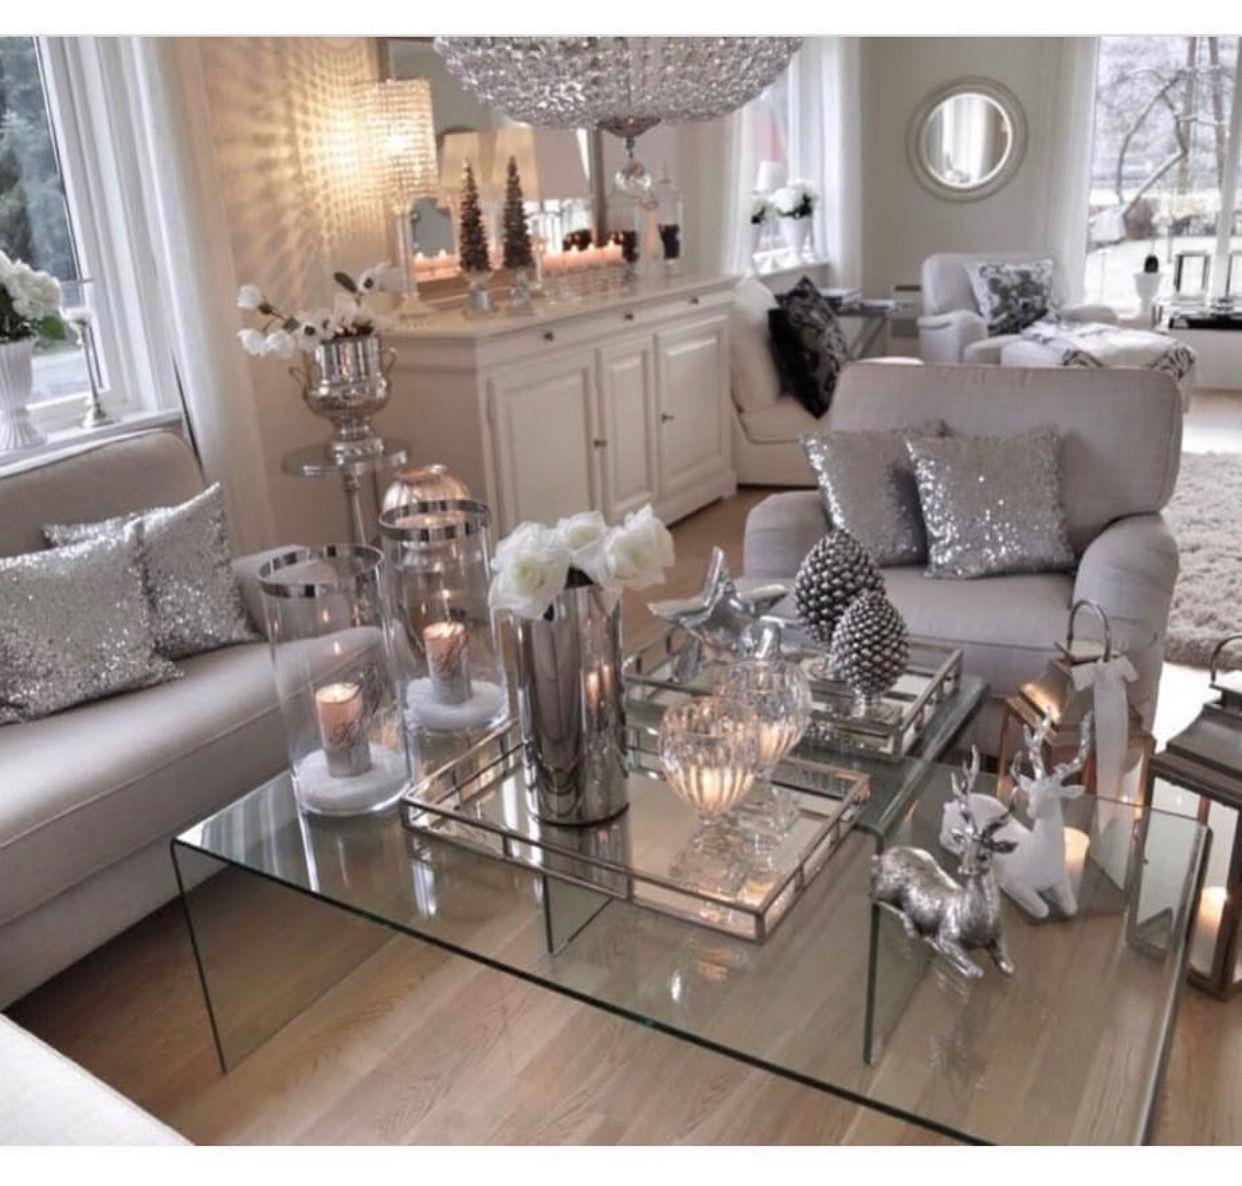 Pin di Art su Furniture ideas | Pinterest | Soggiorni di lusso ...